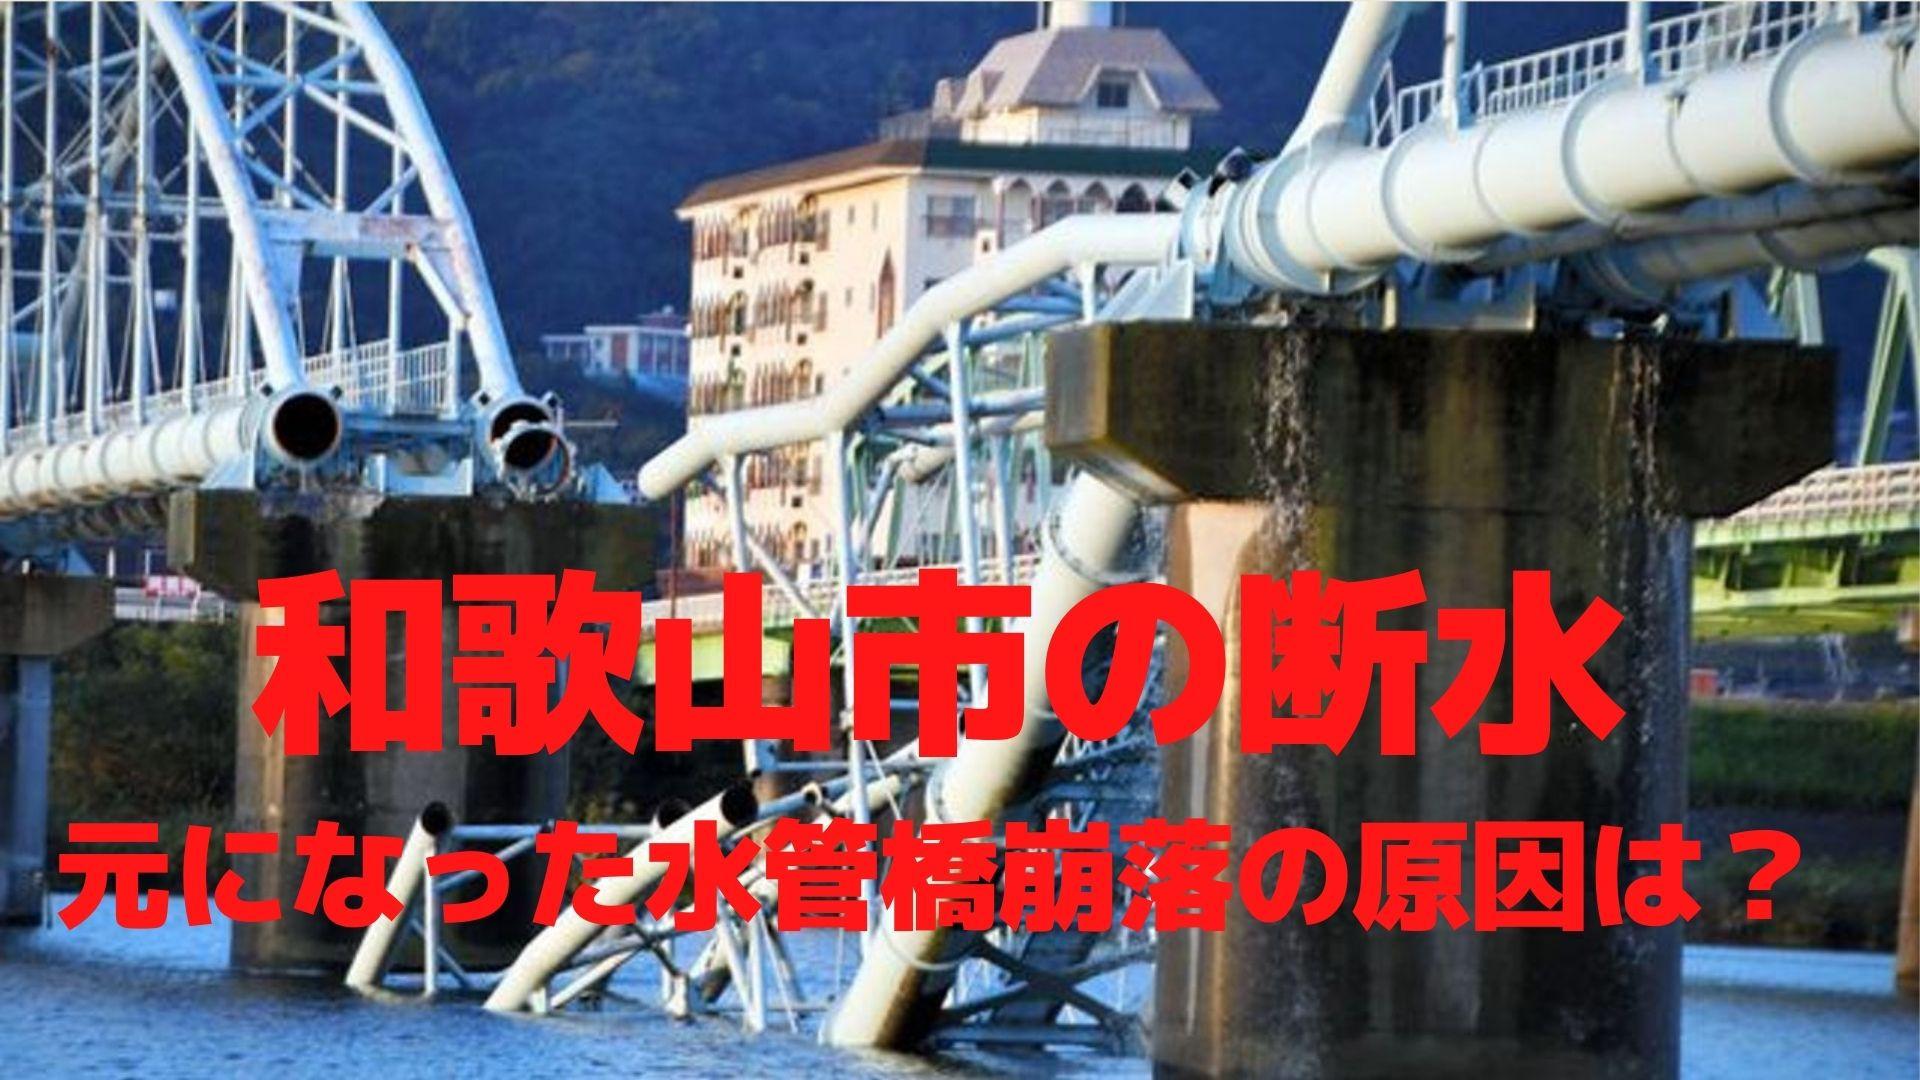 wakayama-city-water-outage-cause